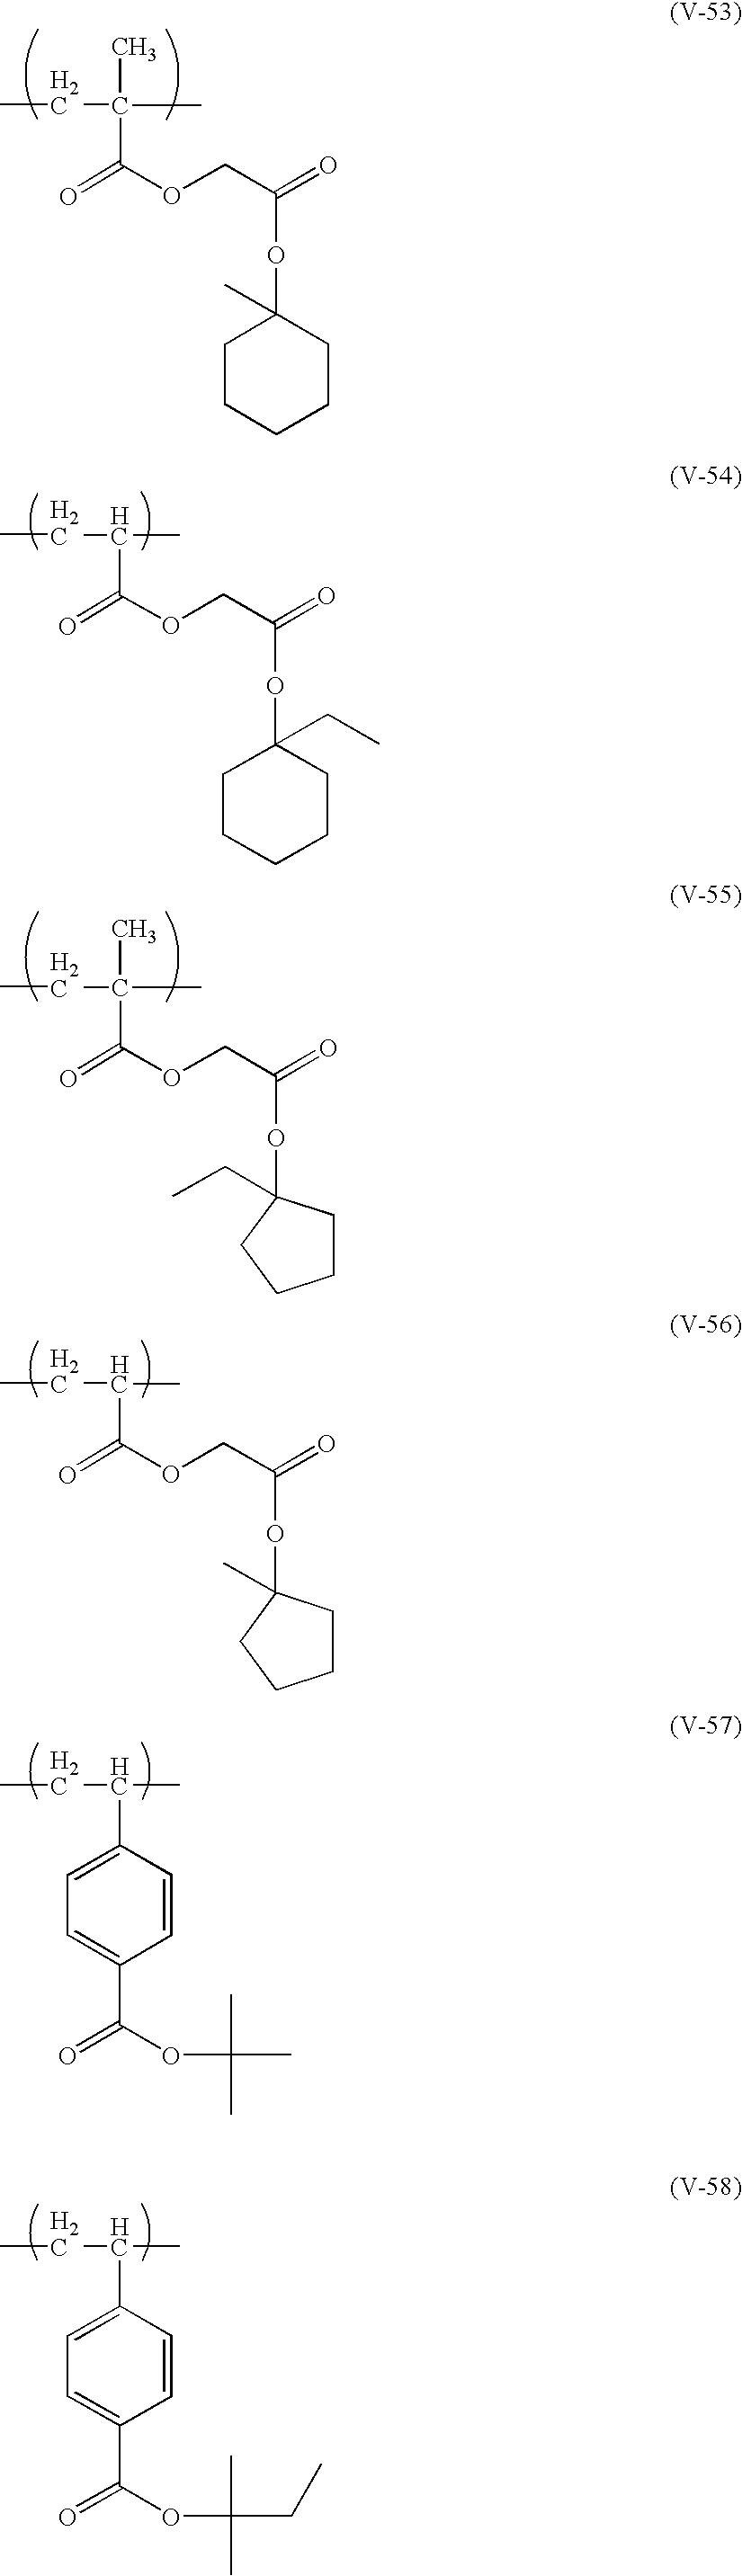 Figure US08852845-20141007-C00117